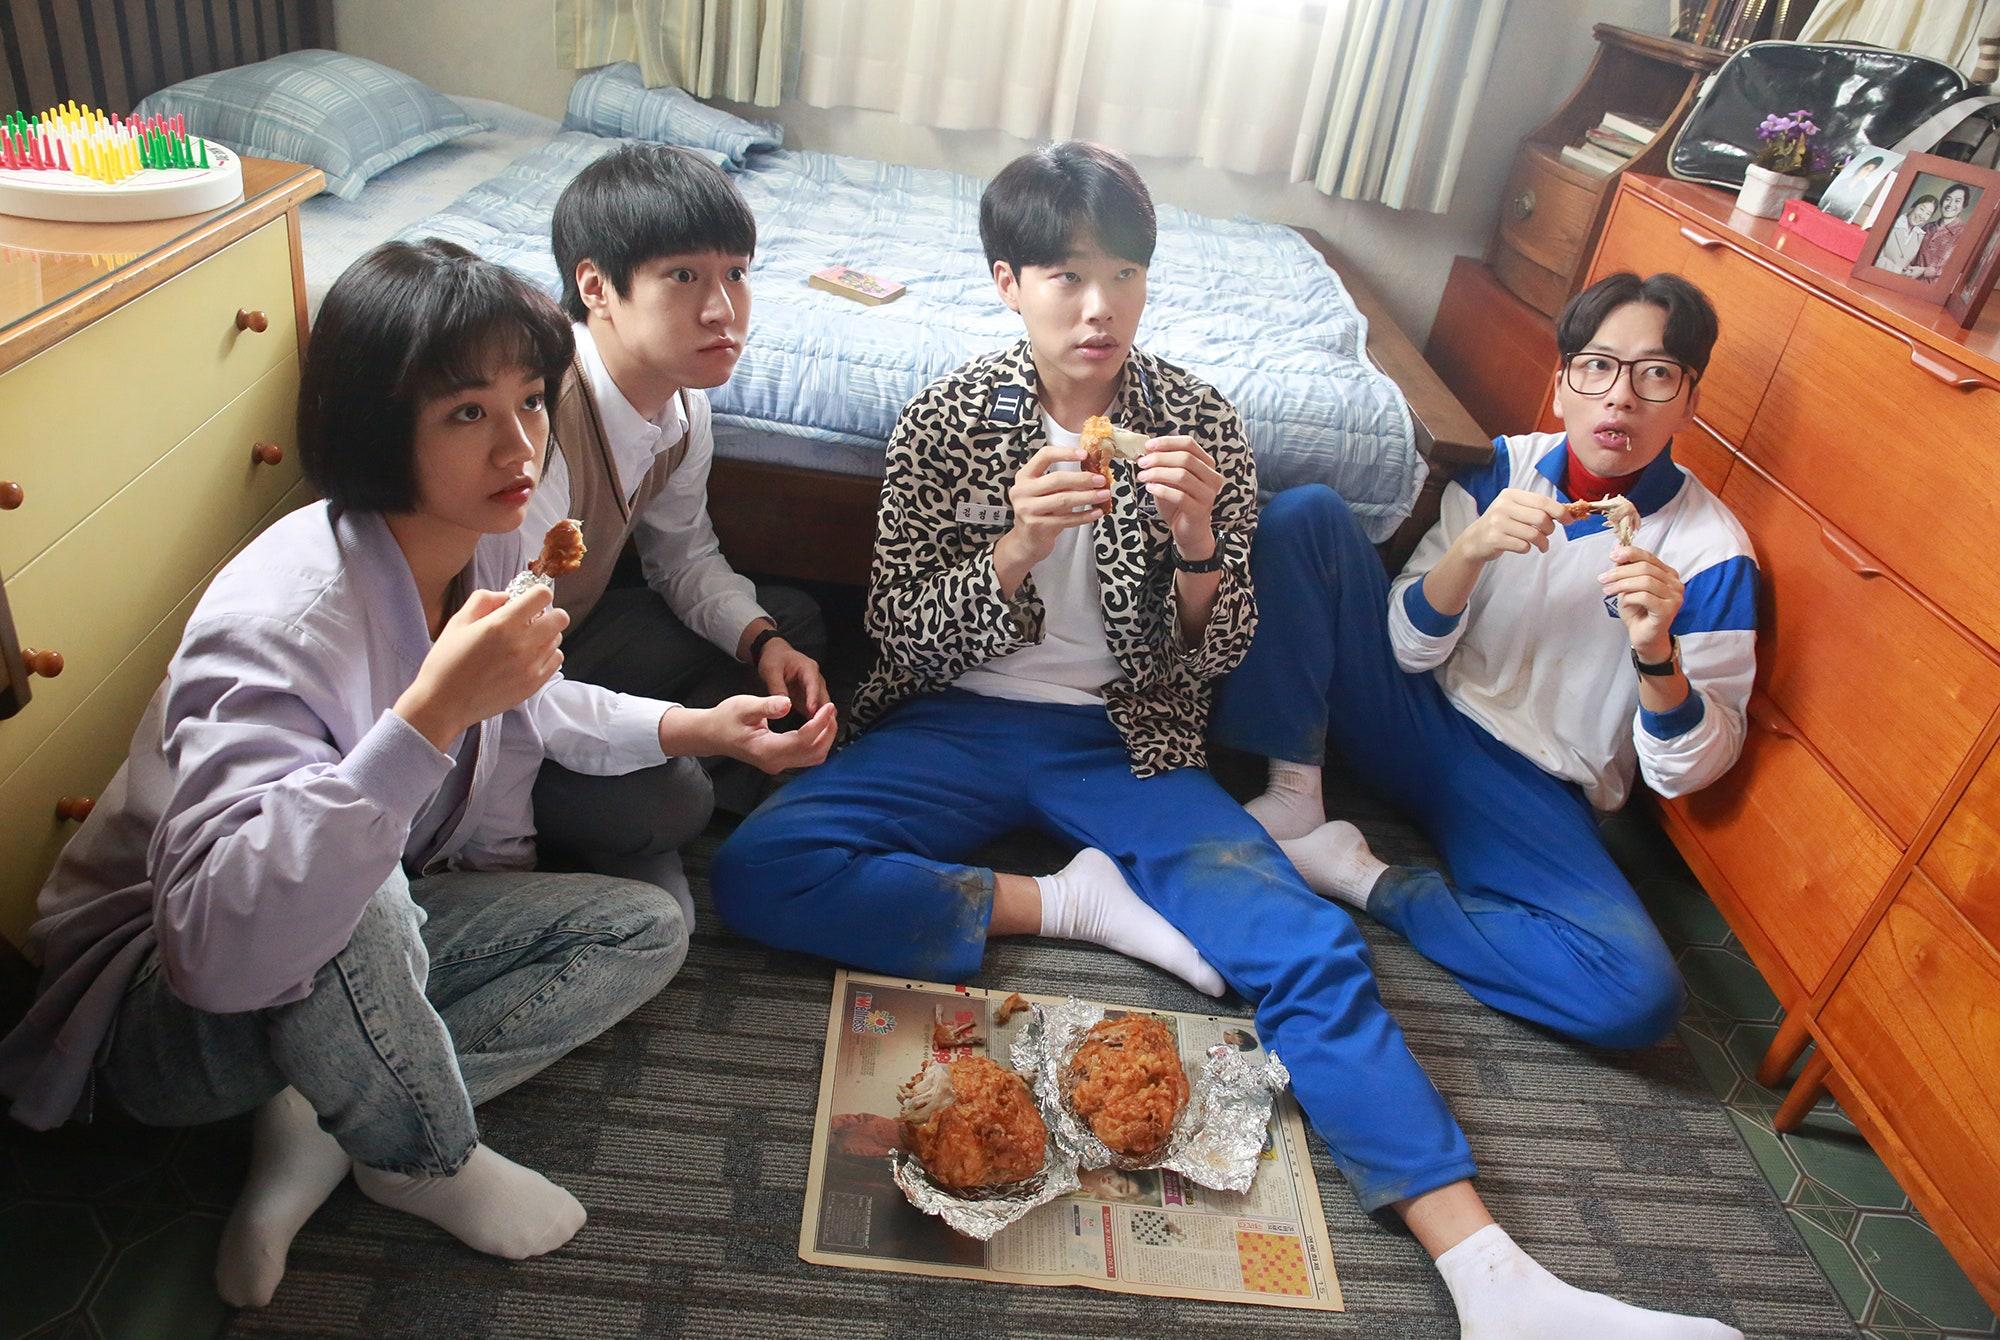 Drama Korea Reply 1988 Masih Layak Ditonton. Kehangatan Keluarga dan Persahabatannya Tak Terlupakan 3